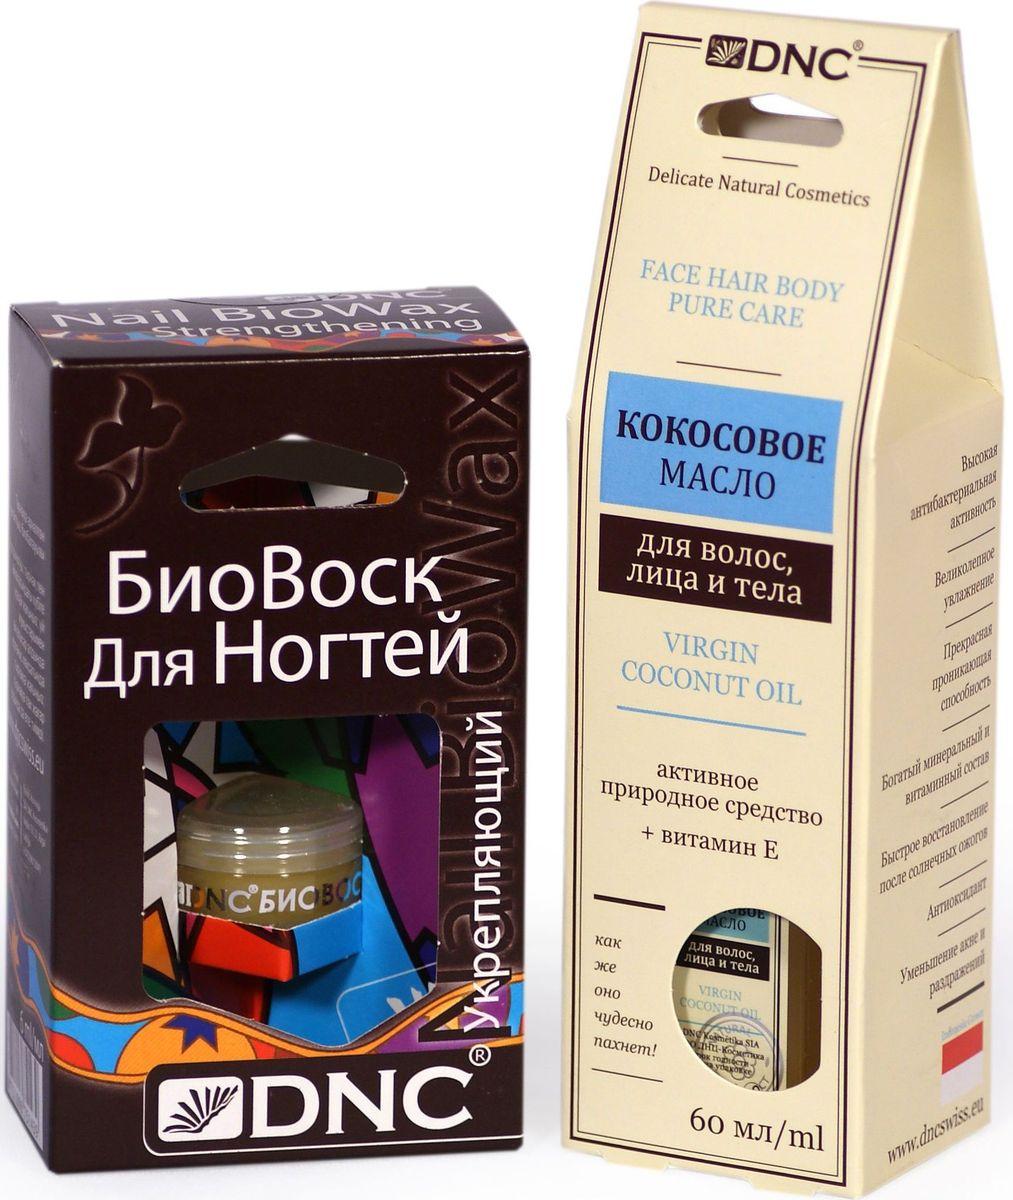 DNC Набор: Кокосовое масло, 60 мл, биовоск укрепляющий, 6 млFS-00103Масло кокосовое Нежное и ароматное масло для лица, тела и волос. Использовать кокосовое масло для лица можно, как дневной крем для сухой кожи или ночной восстанавливающий для возрастной кожи любого типа. Кокосовое масло значительно снижает потерю протеинов волос, ведущую к сечению и повреждению их структуры. Многие используют кокосовое масло в качестве деликатного средства для бритья, вместо пены или геля. Увлажняет и смягчает кожу рук и ног, способствует заживлению трещин. Подходит для всех видов массажа. Биовоск для ногтей укрепляющий Тщательно подобранная композиция комплексного действия из пчелиного воска и активных масел. Создает и поддерживает тонкую и естественную для кожи и ногтевой пластины защиту. Процесс укрепления и формирования здоровых ногтей и кутикул проходит значительно быстрее. Масла питают ногти, способствуют смягчению кутикул и заживлению ранок вокруг ногтей.